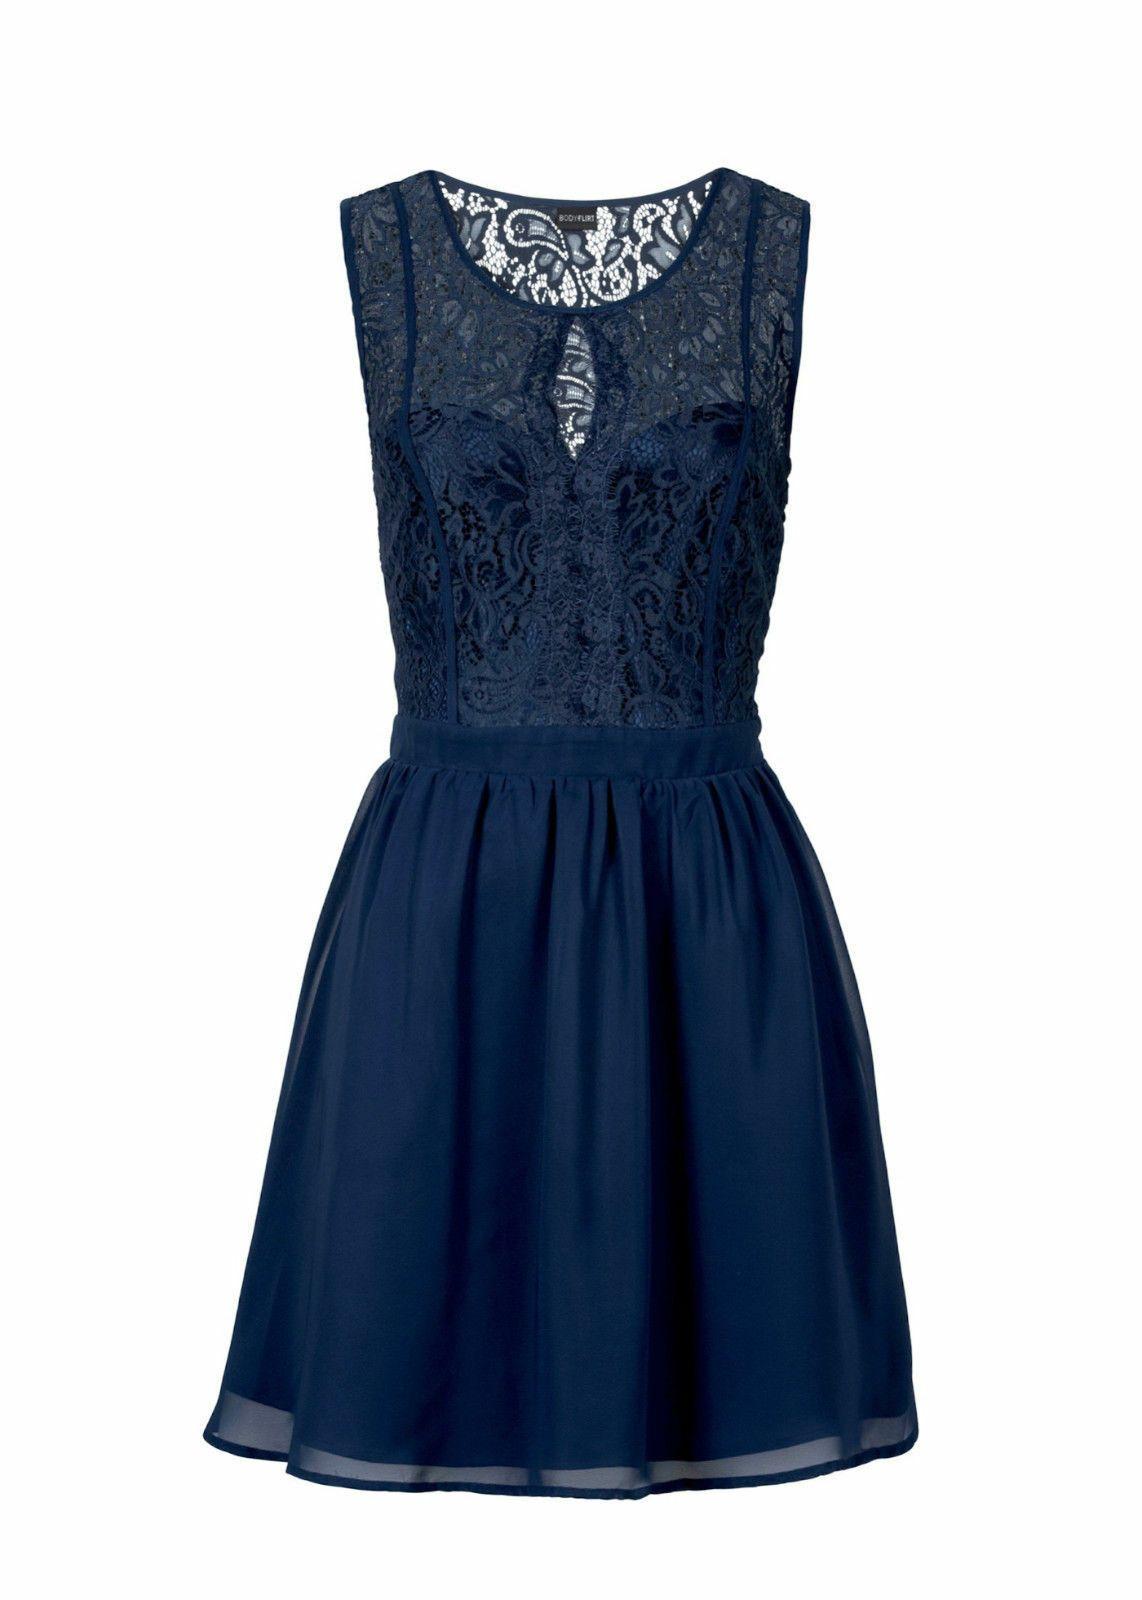 traumhaftes kleid mit spitze in dunkel-blau im super design